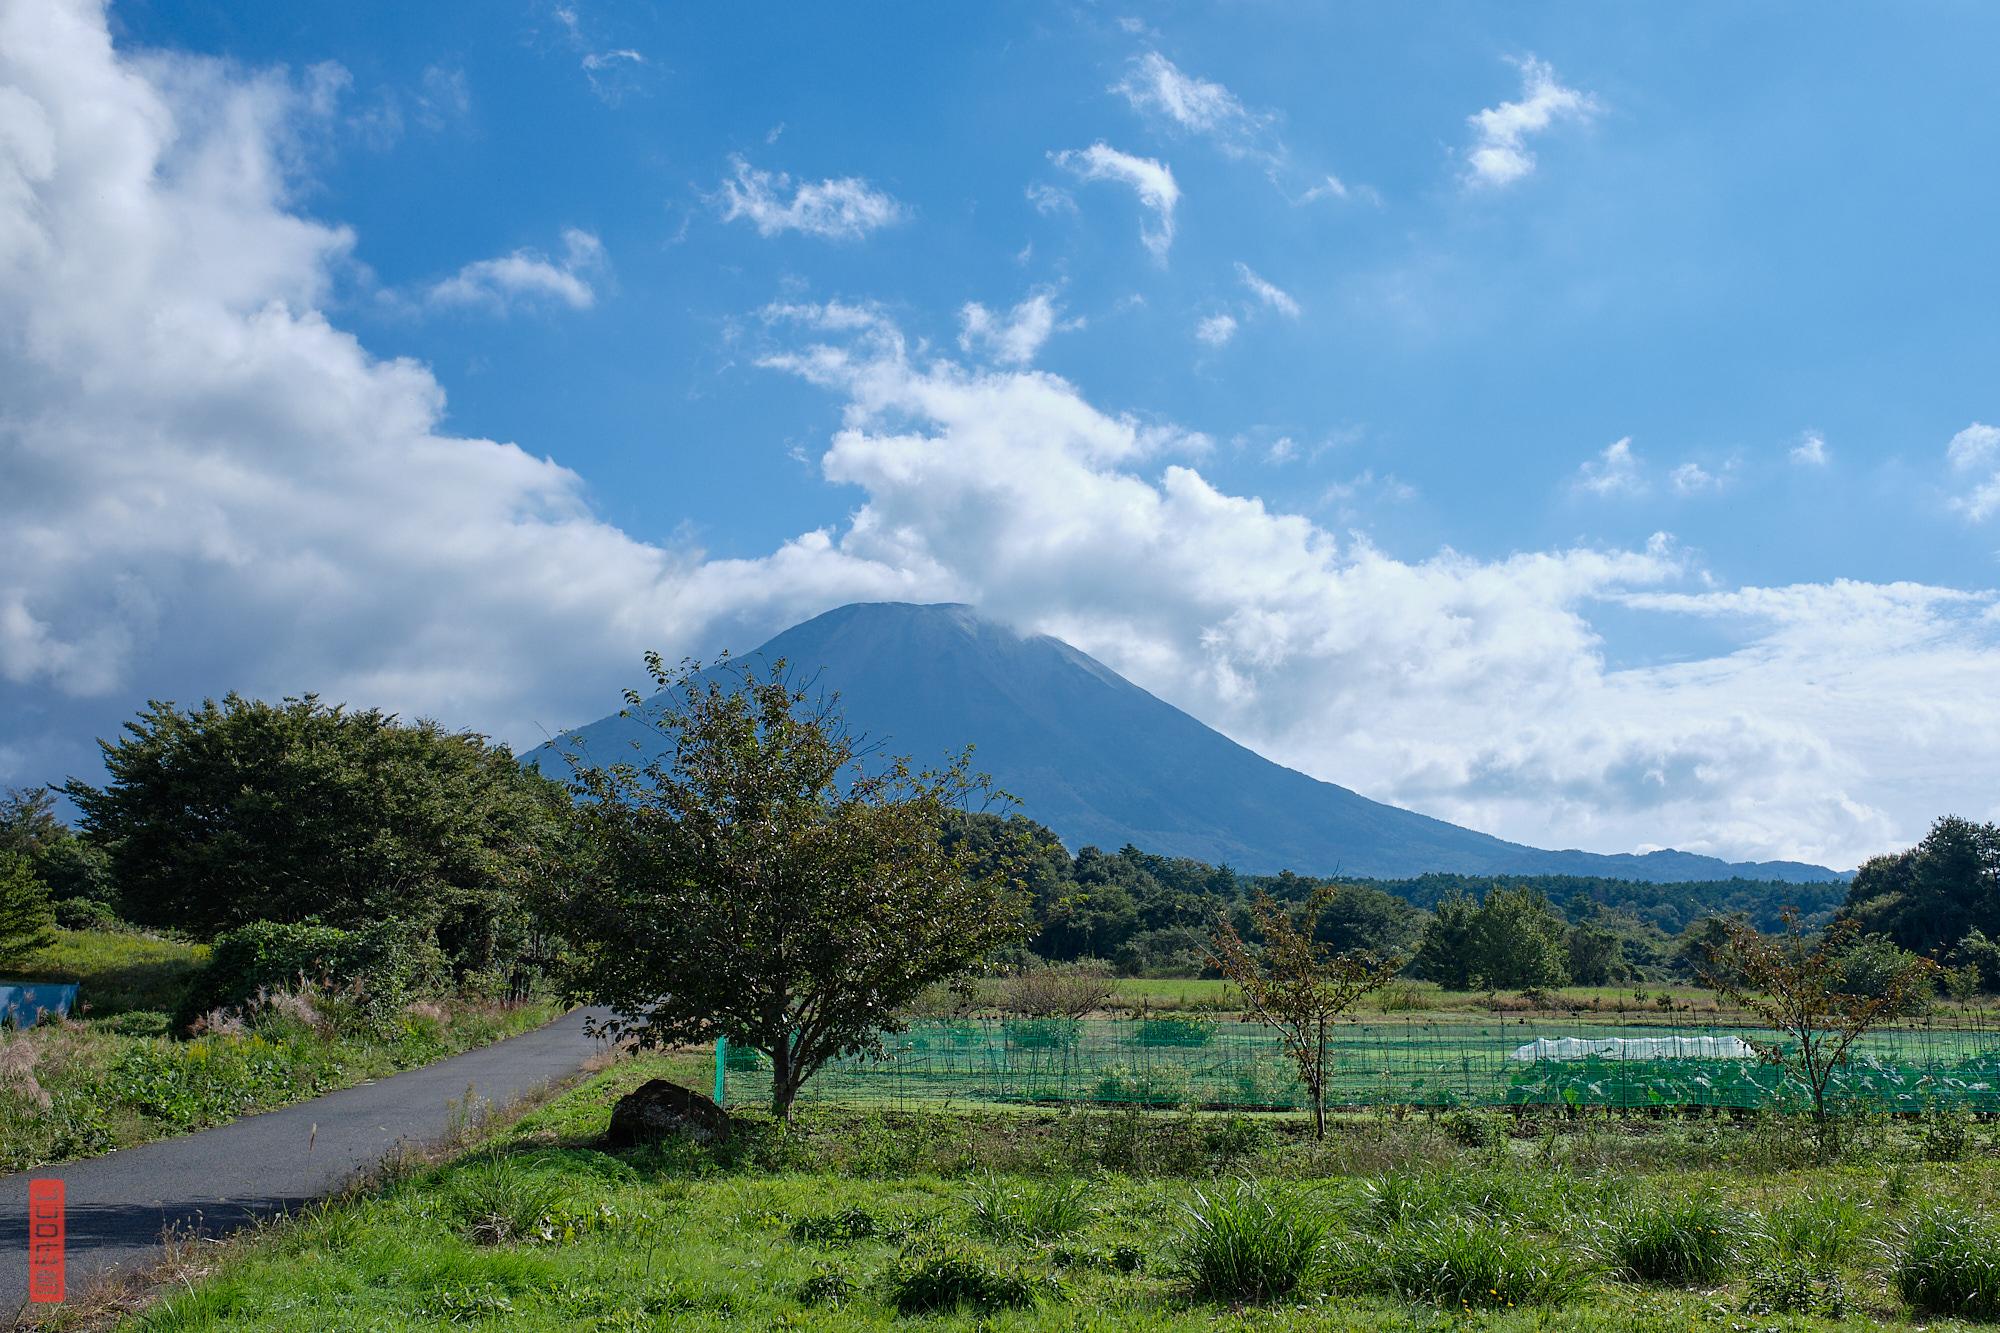 Mont Daisen vu de la plaine, préfecture de Tottori, Japon